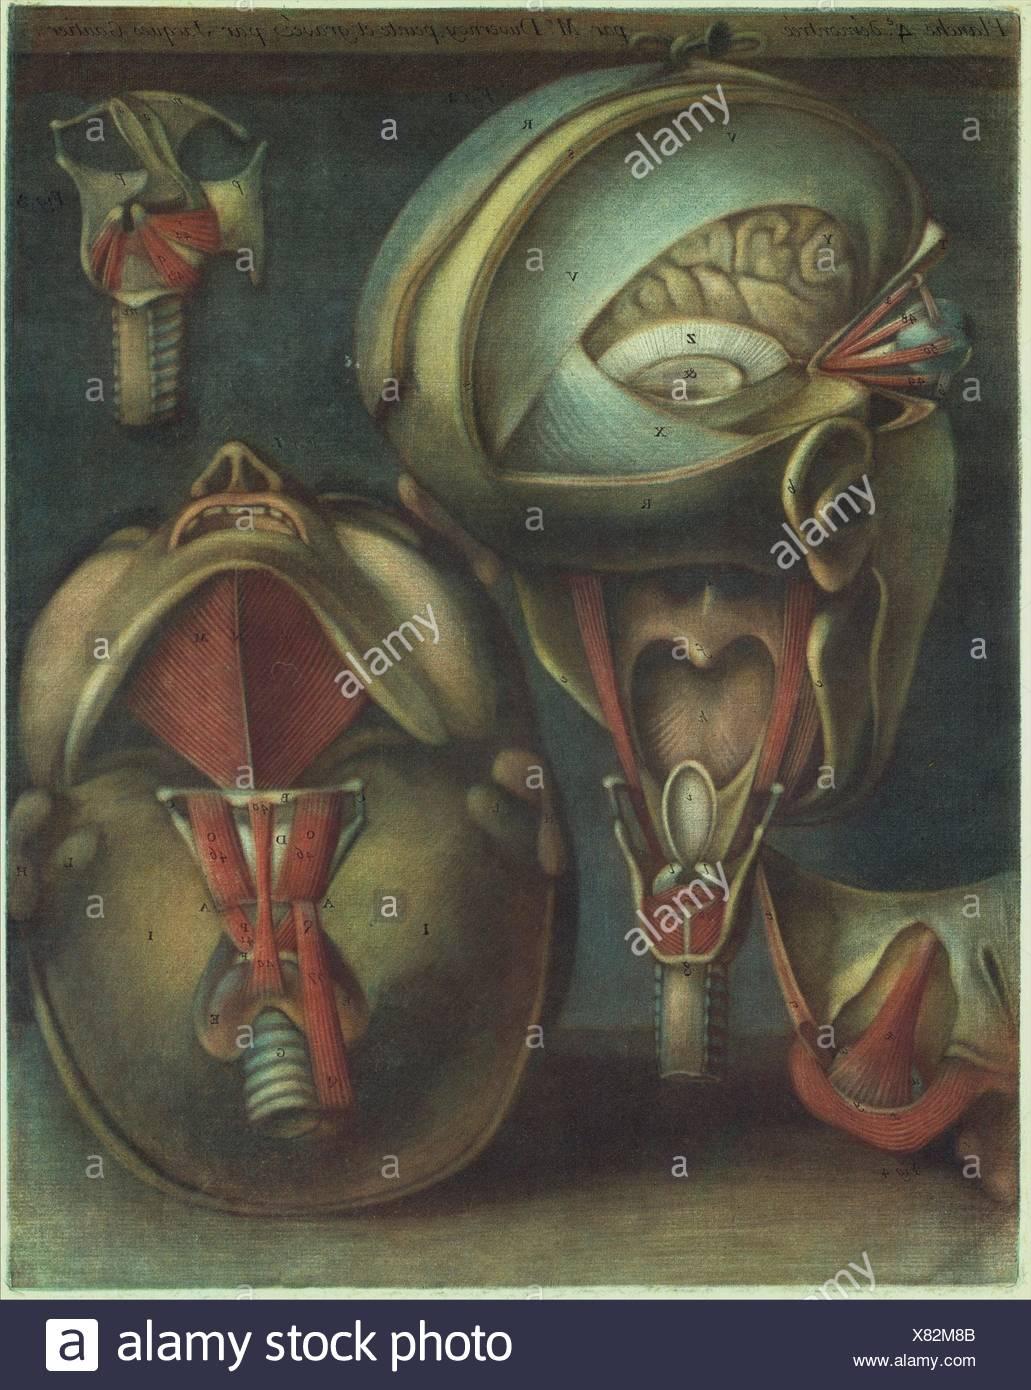 Myologie Complette en Couleur et Grandeur Naturelle. Author: Joseph Guichard Duverney (French, 1648-1730); Artist: Jacques Fabien Gautier Dagoty - Stock Image